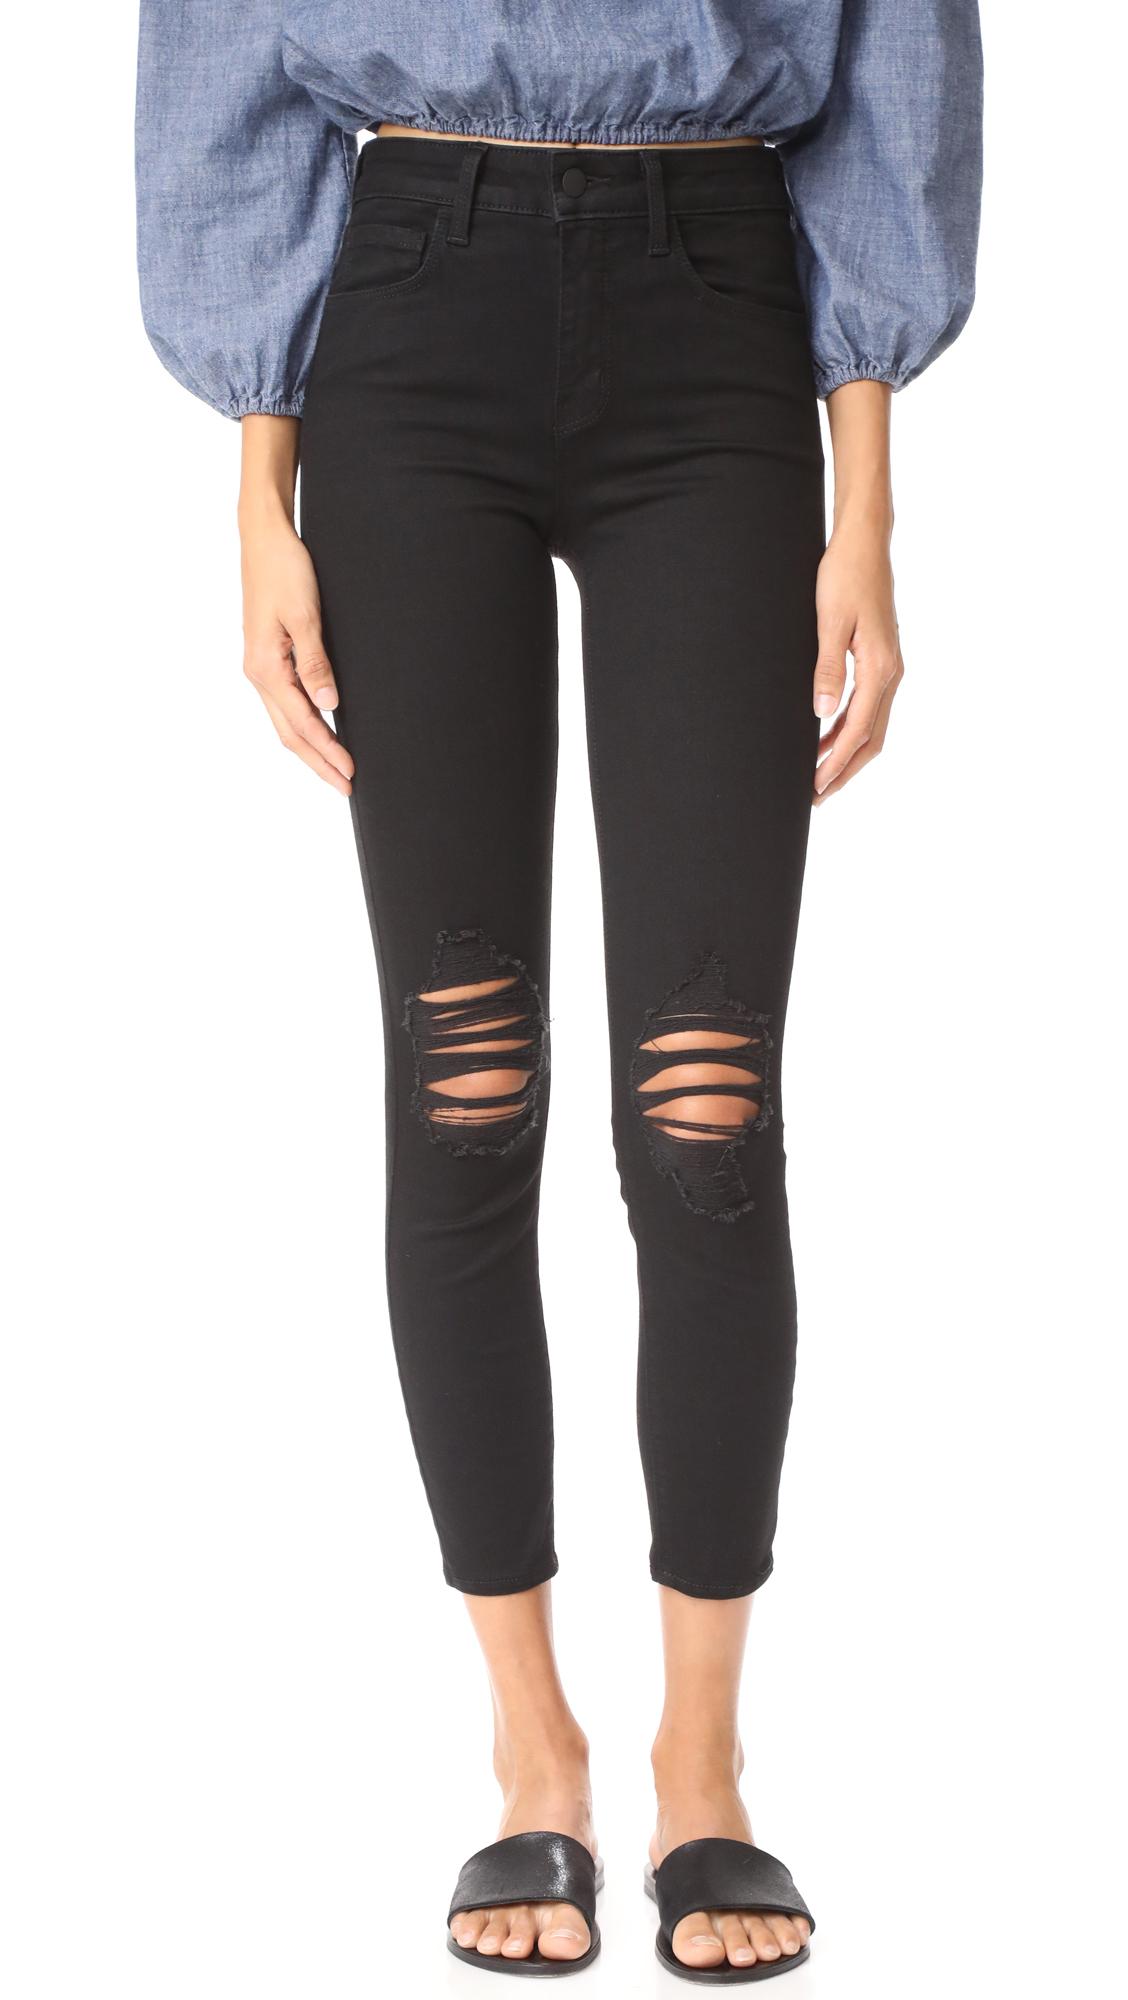 L'AGENCE Margot Skinny Jeans In Zinc